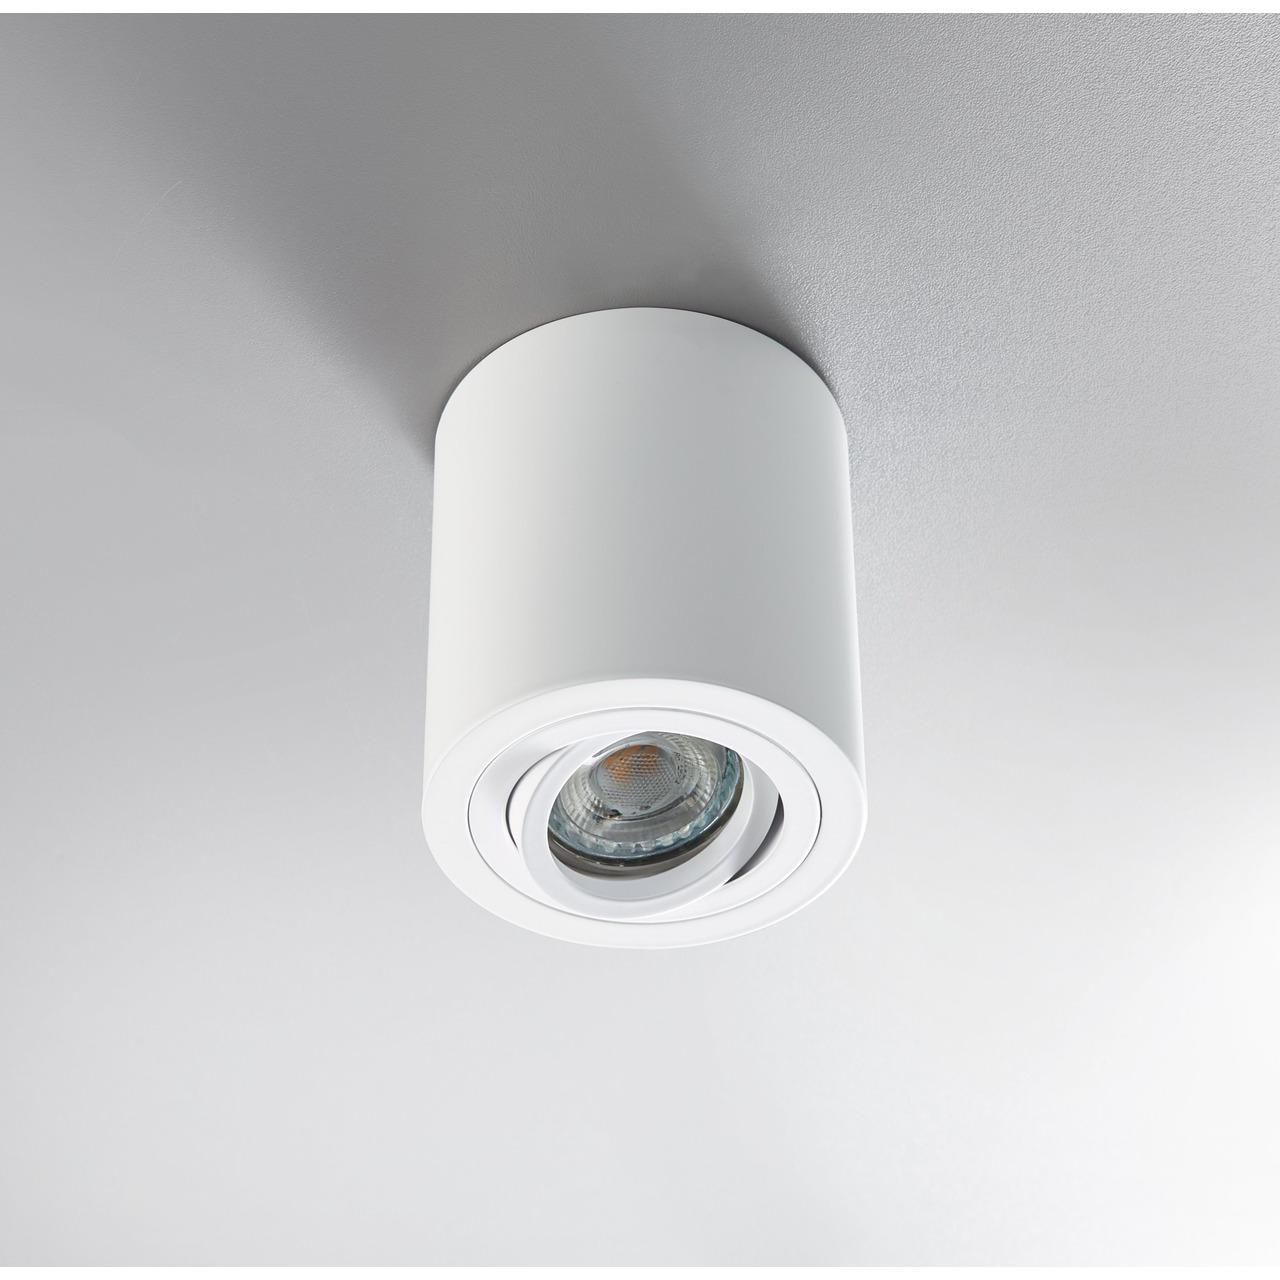 HEITRONIC Aufbaustrahler ADL9301 für GU10-Lampen- schwenk- und drehbar- weiss